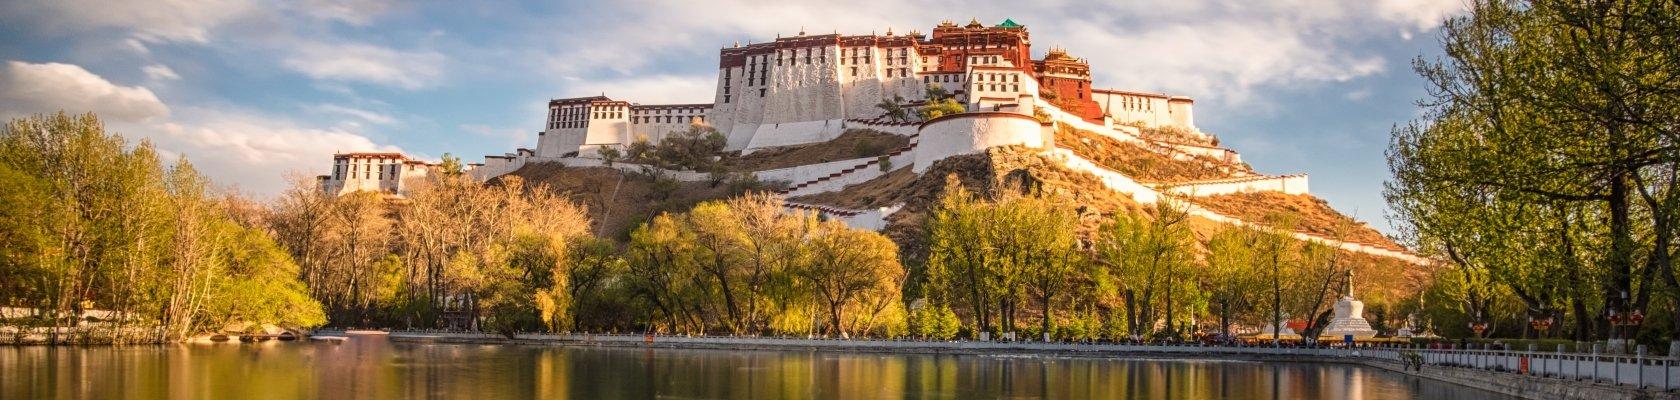 Potala Paleis, Tibet